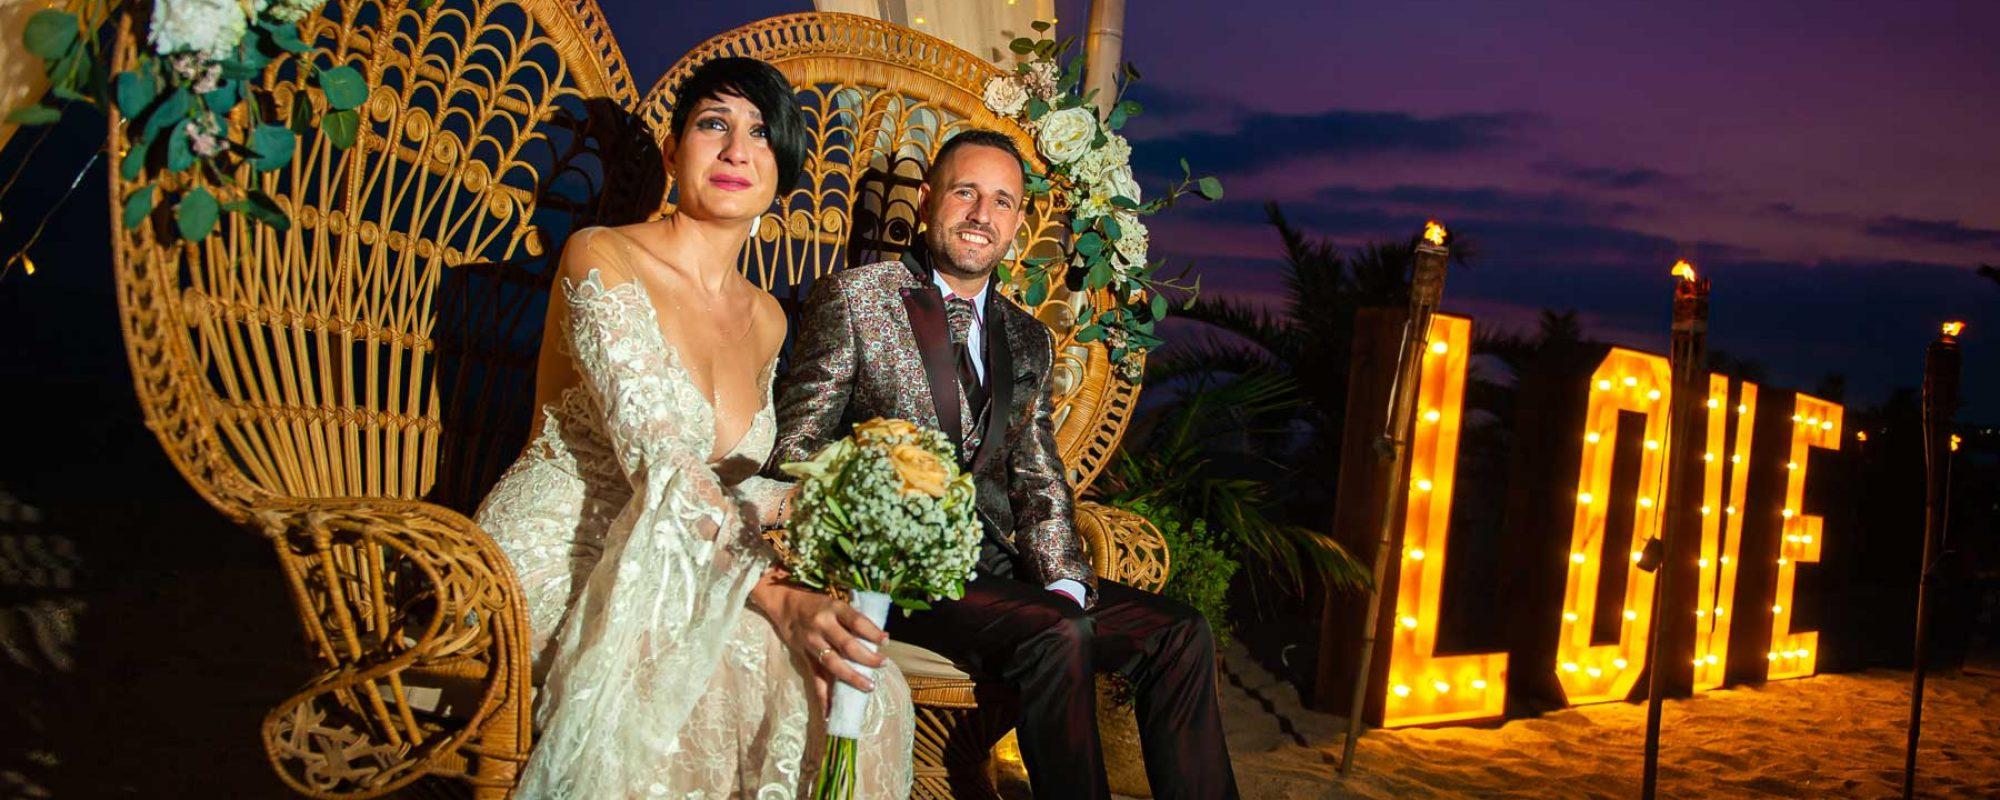 boda en dblanc marco helga photography